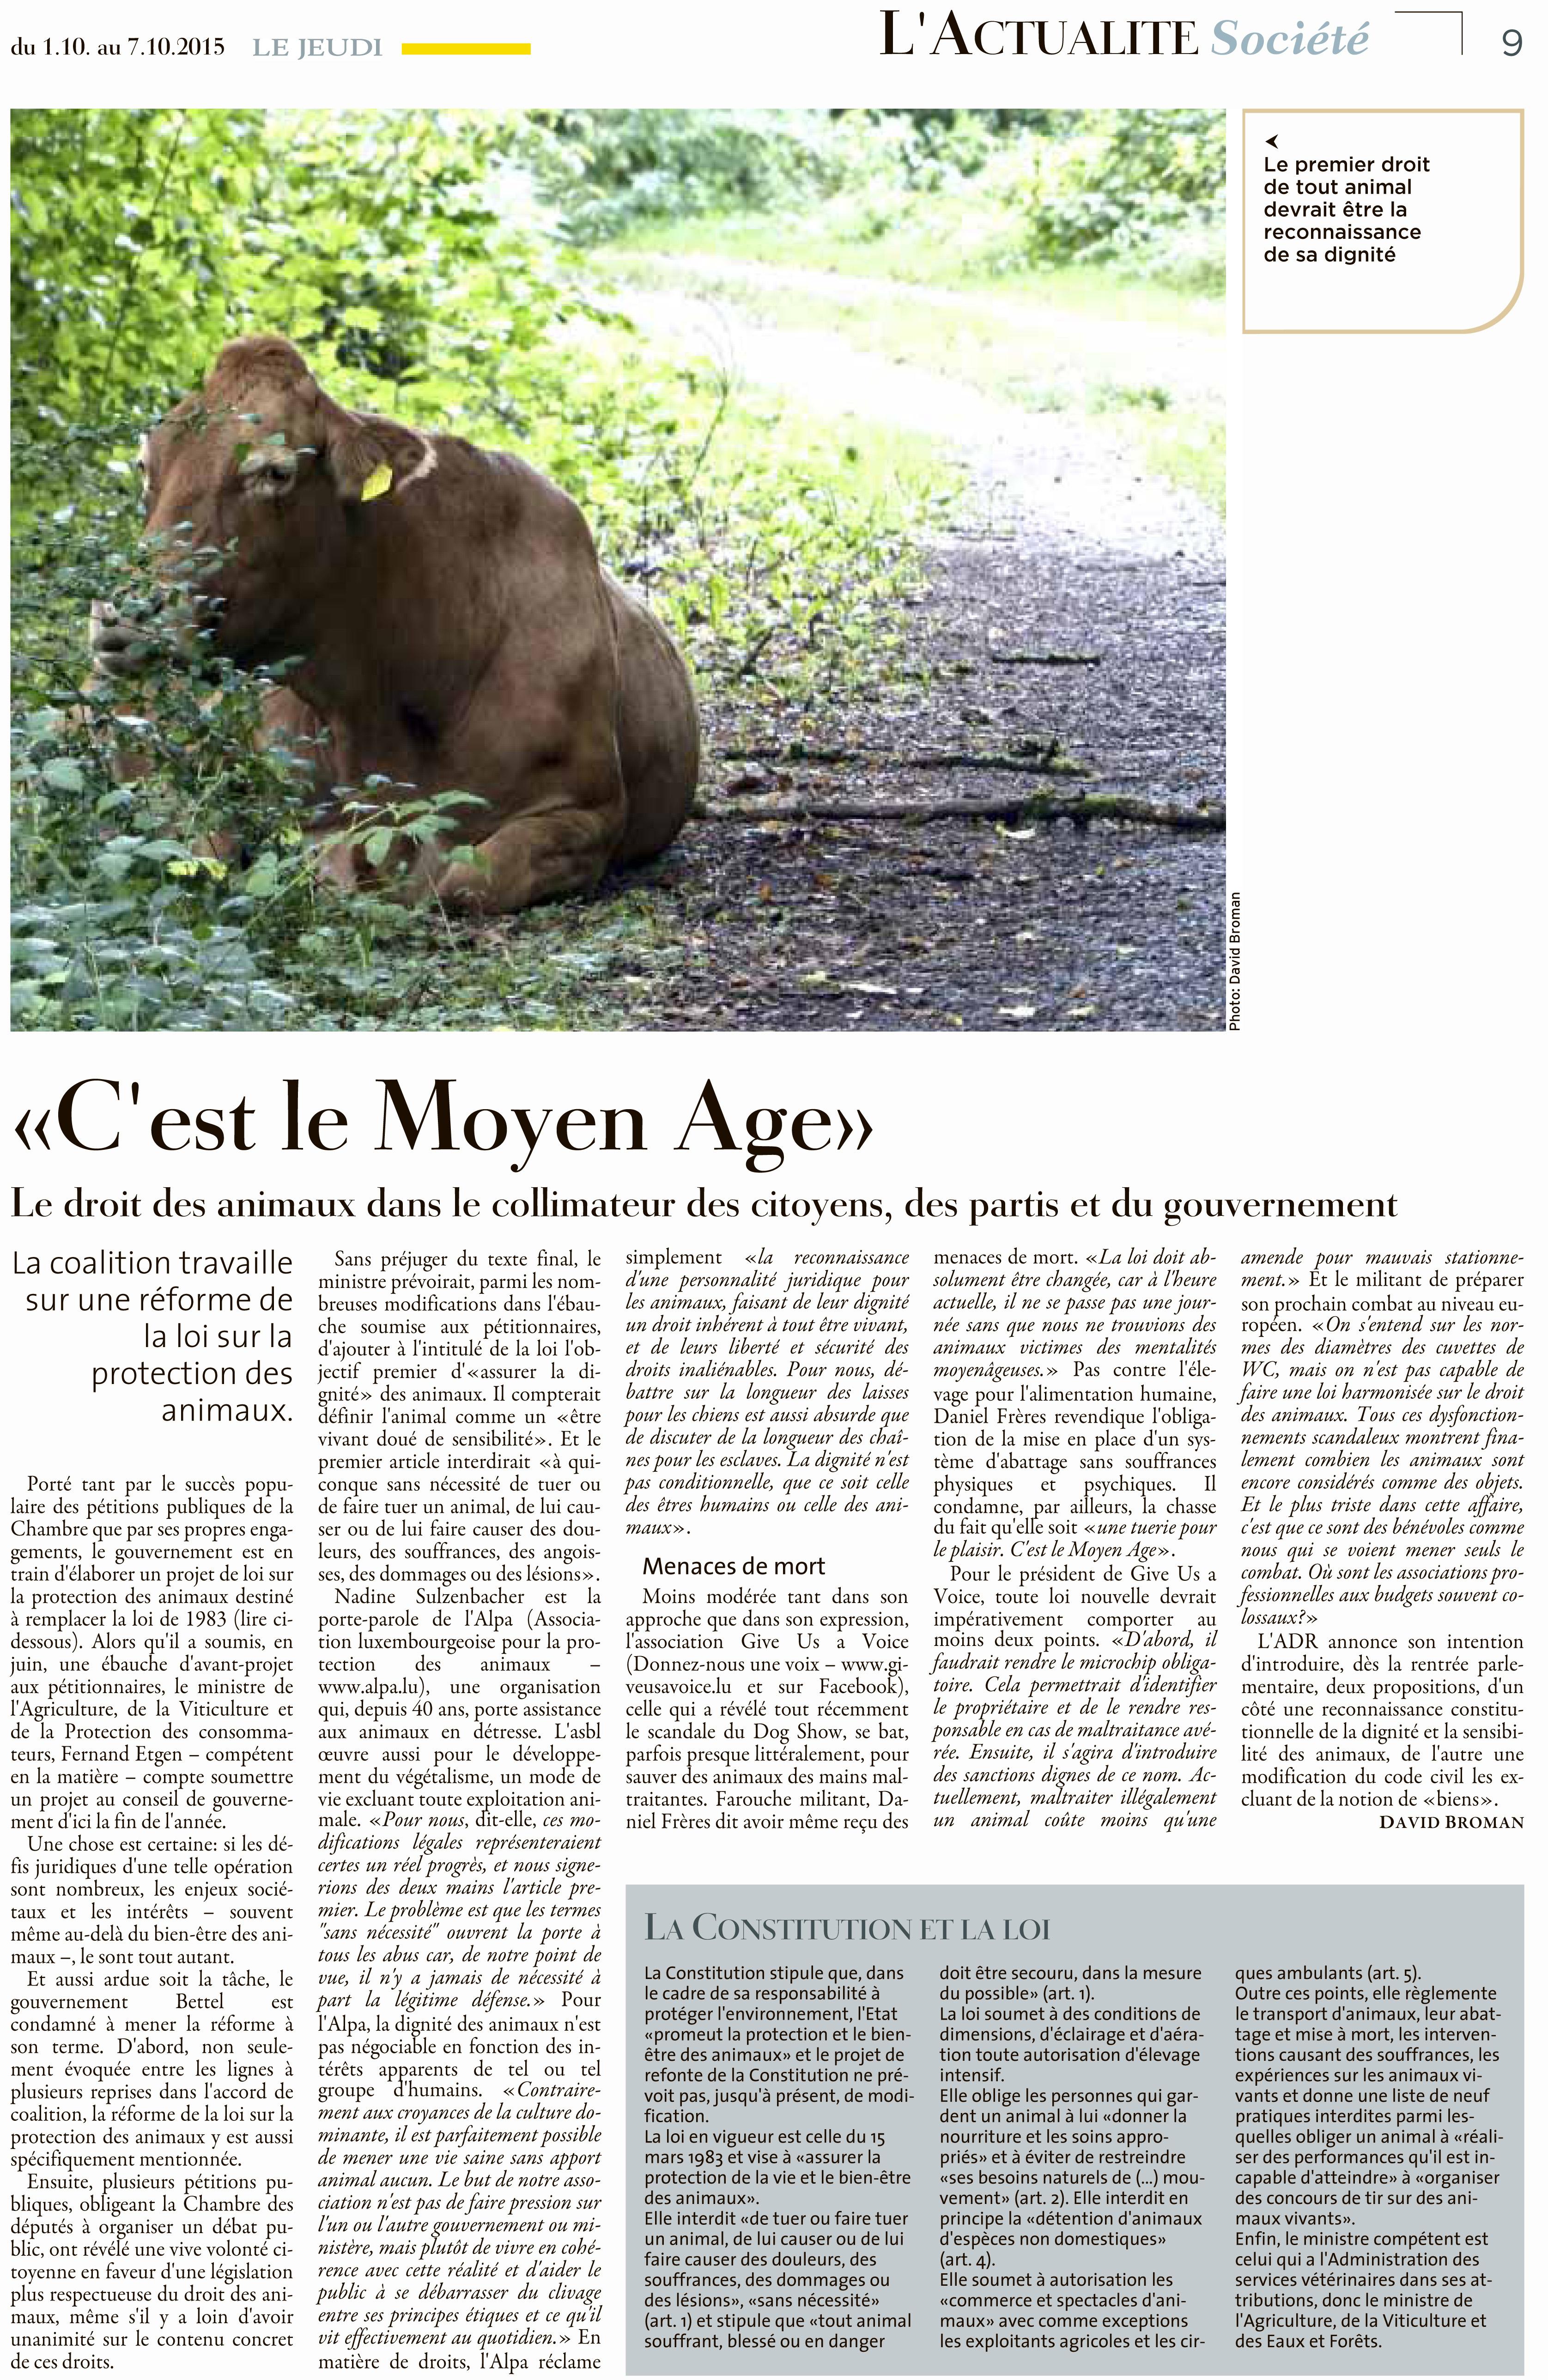 Le Jeudi, Ausgabe: Le Jeudi, vom: Donnerstag, 1. Oktober 2015